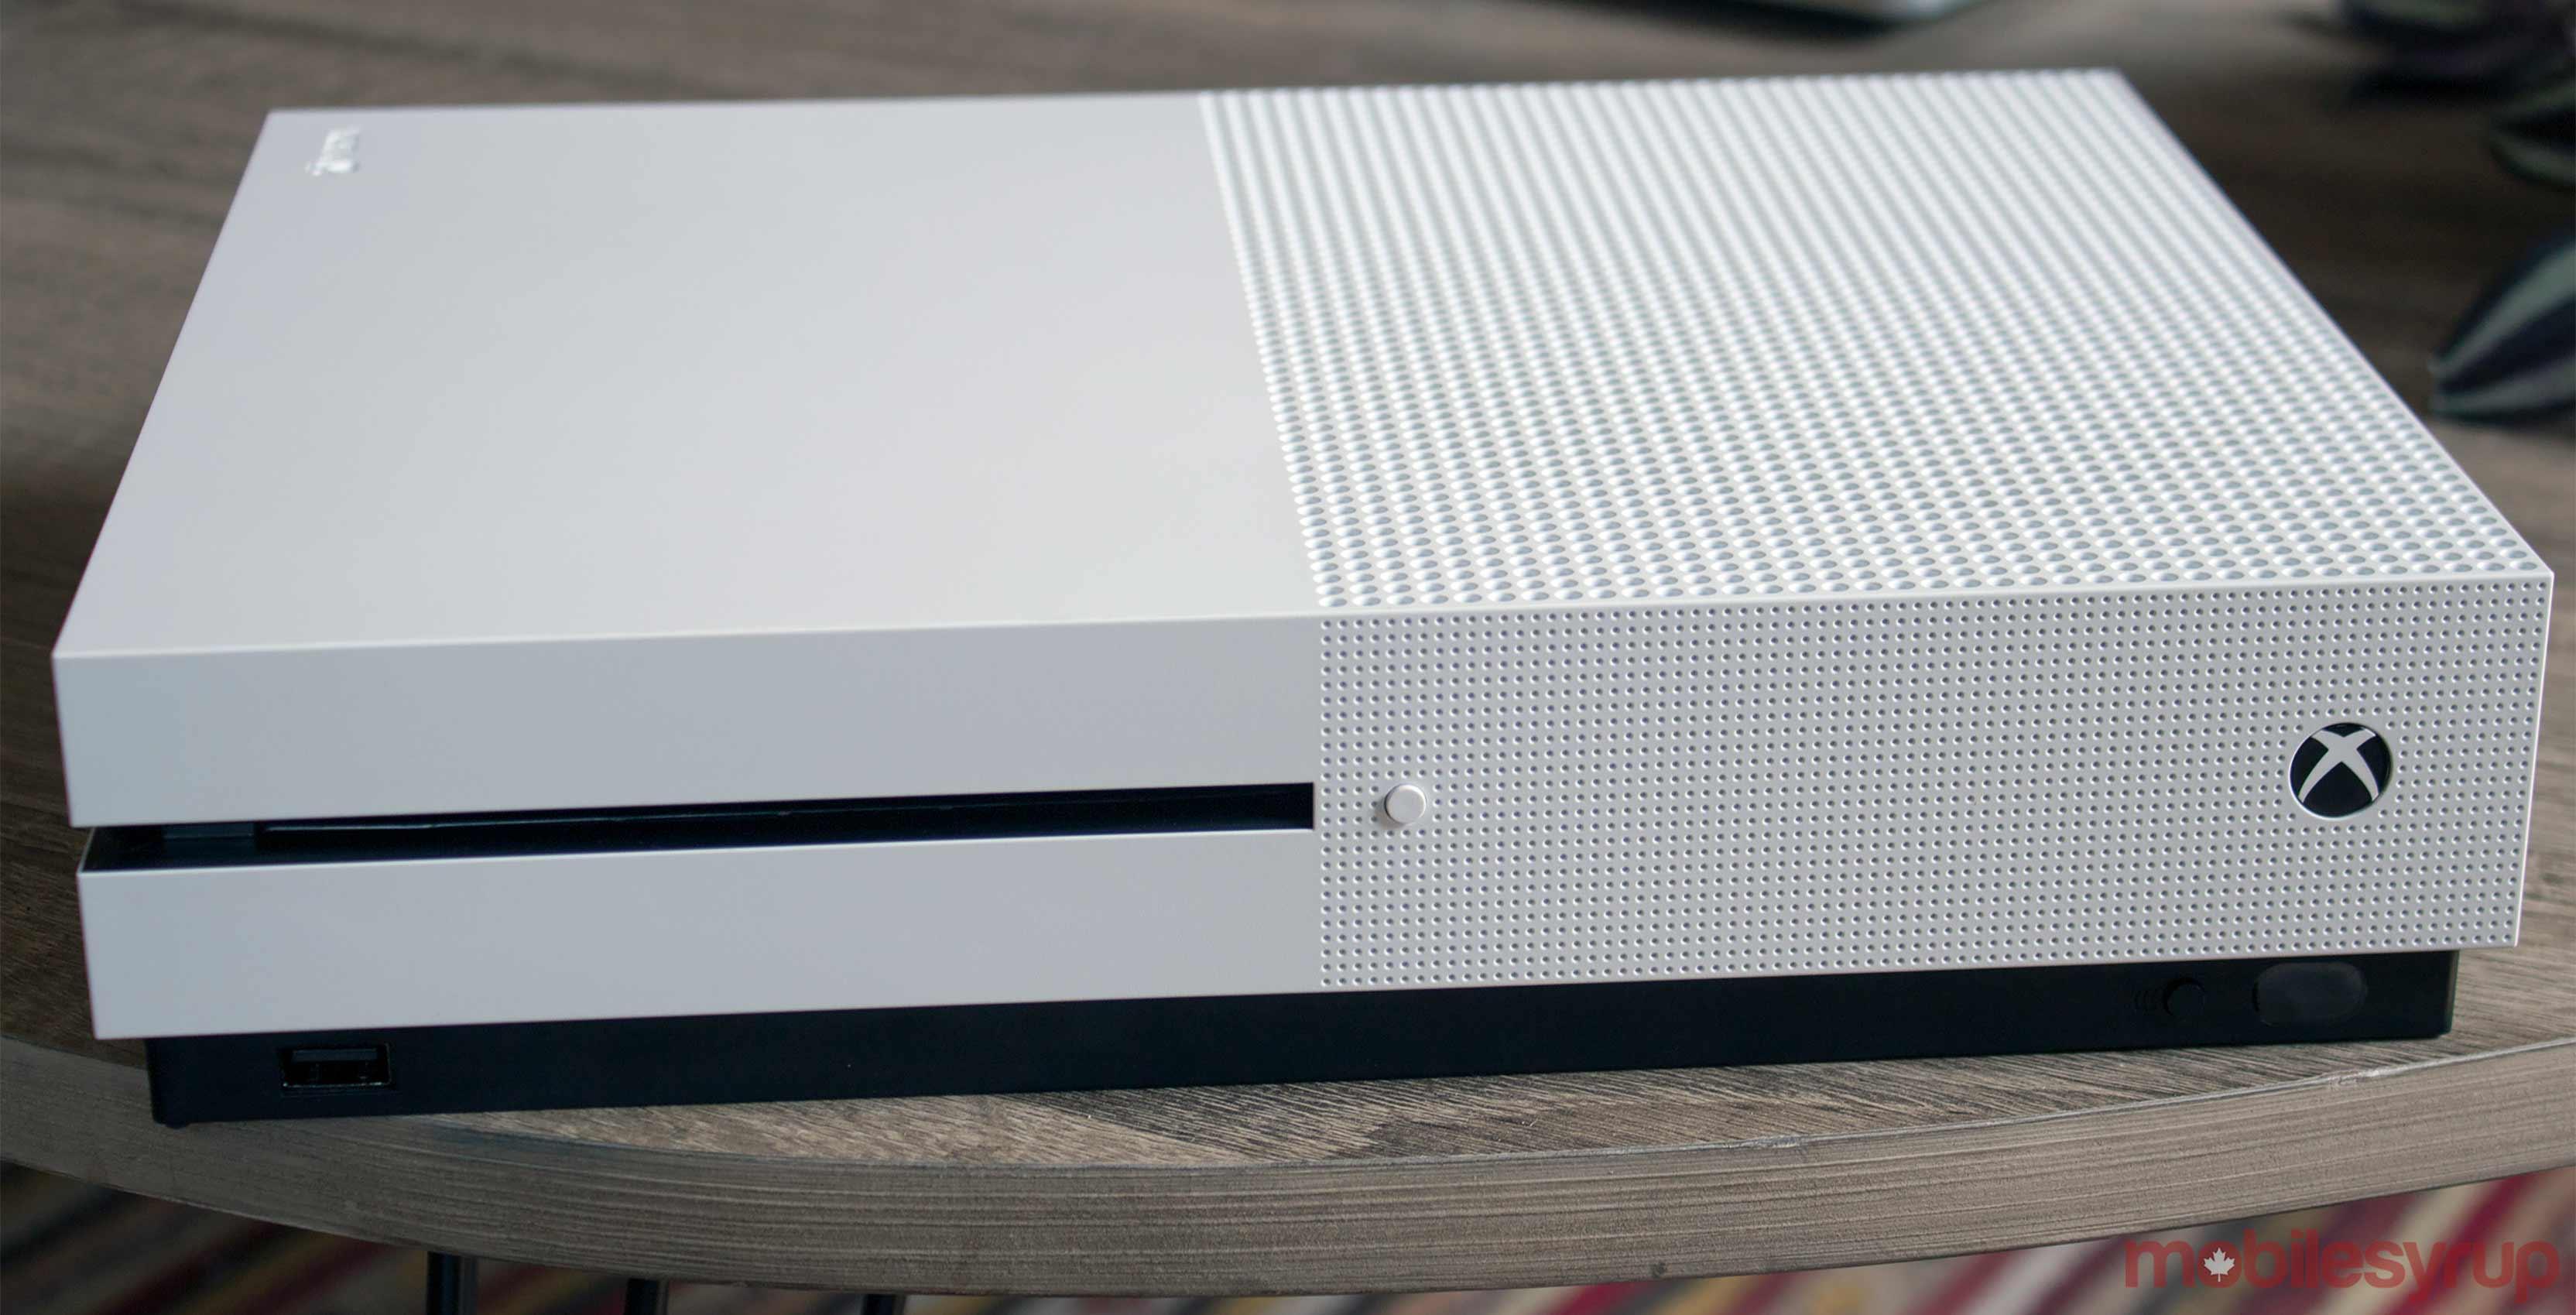 Xbox One S white console